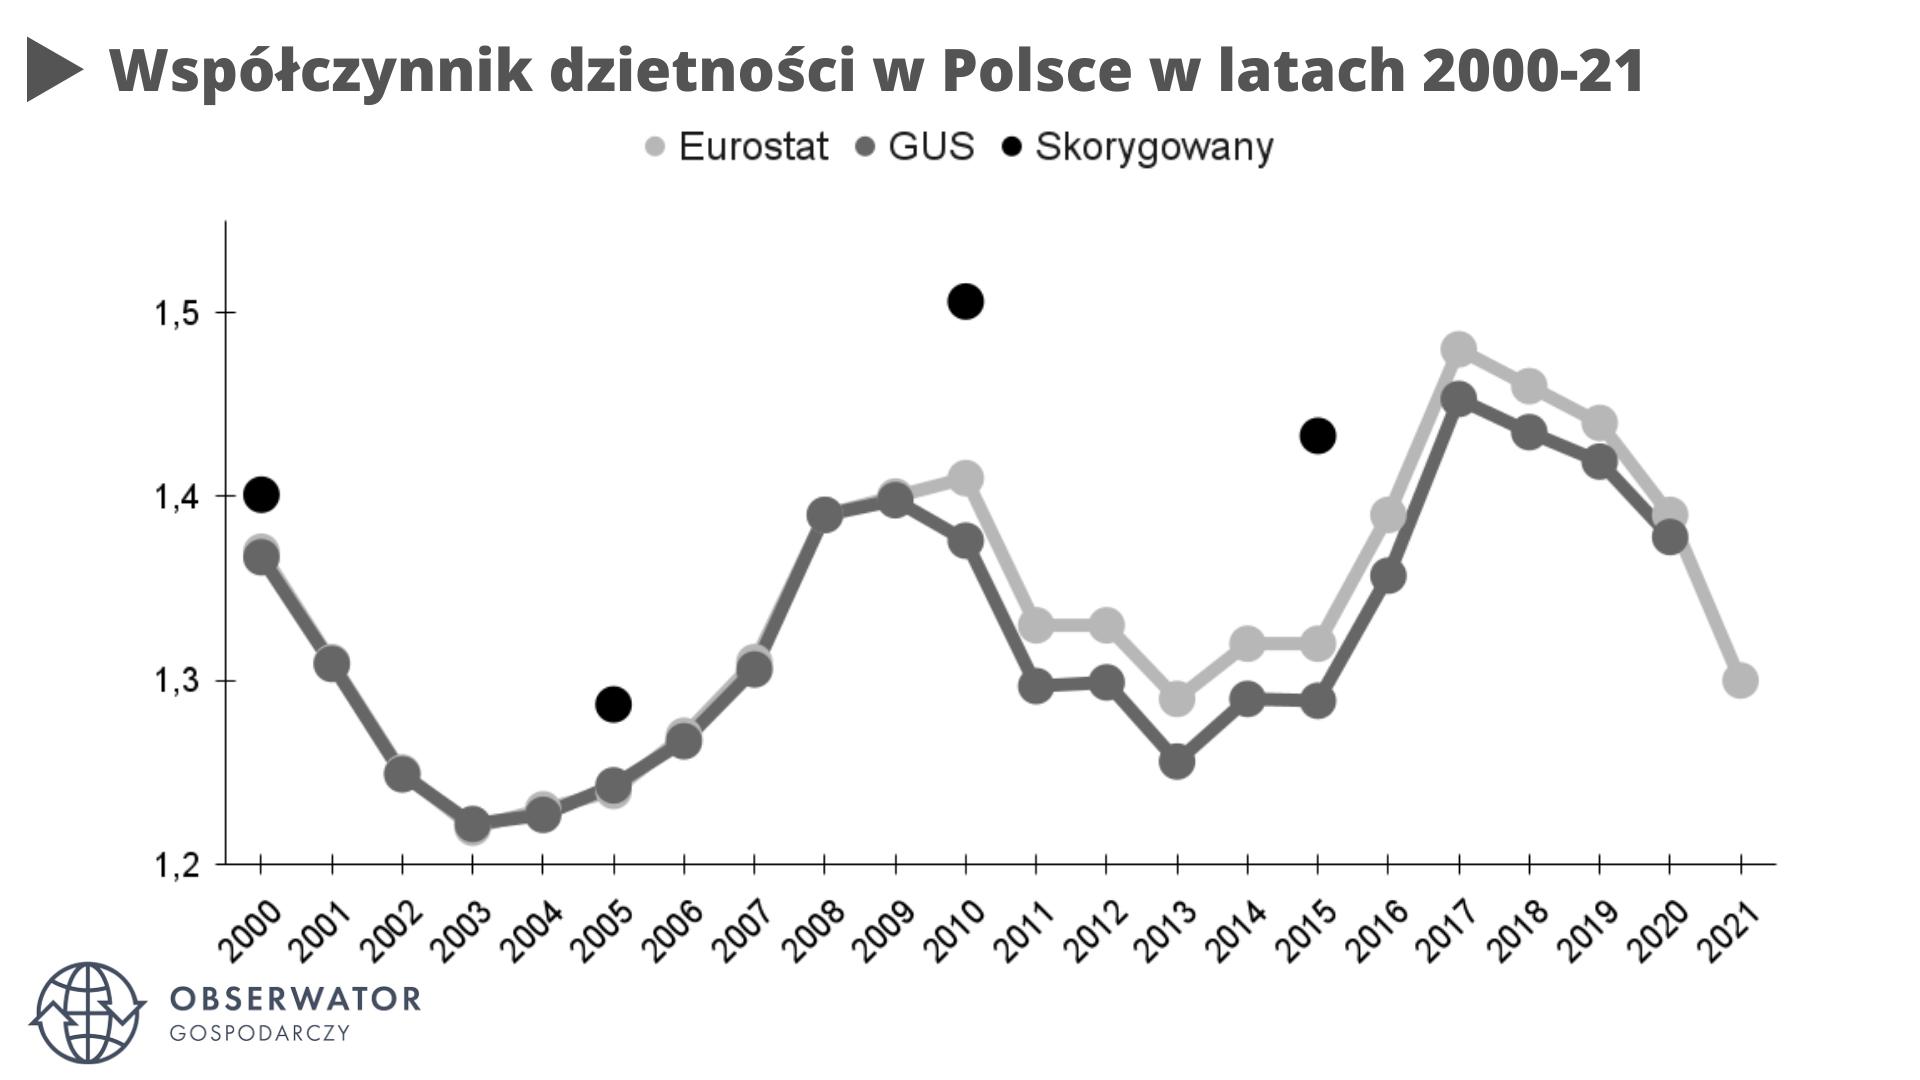 Współczynnik dzietności w Polsce, skorygowany, gus, eurostat